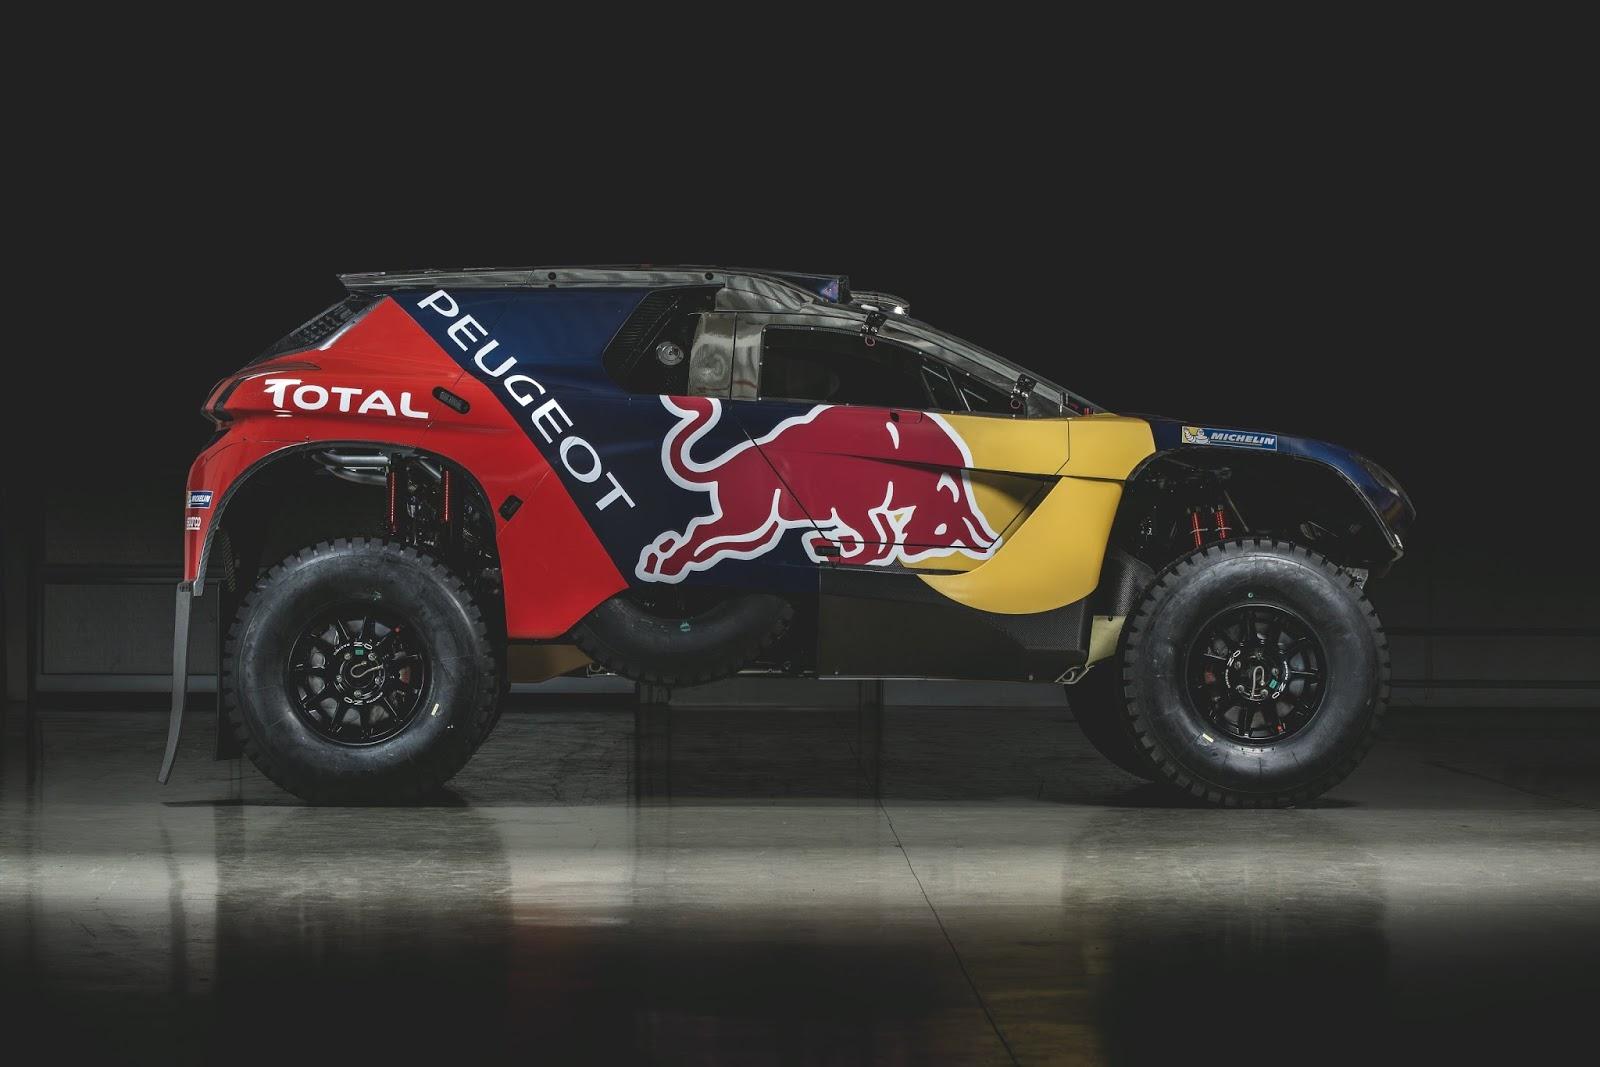 P 20151202 00234 News Το PEUGEOT 2008DKR στα χρώματα του πολέμου! Peugeot, Peugeot 2008 DKR, Peugeot 2008 DKR16, Rally Dakar